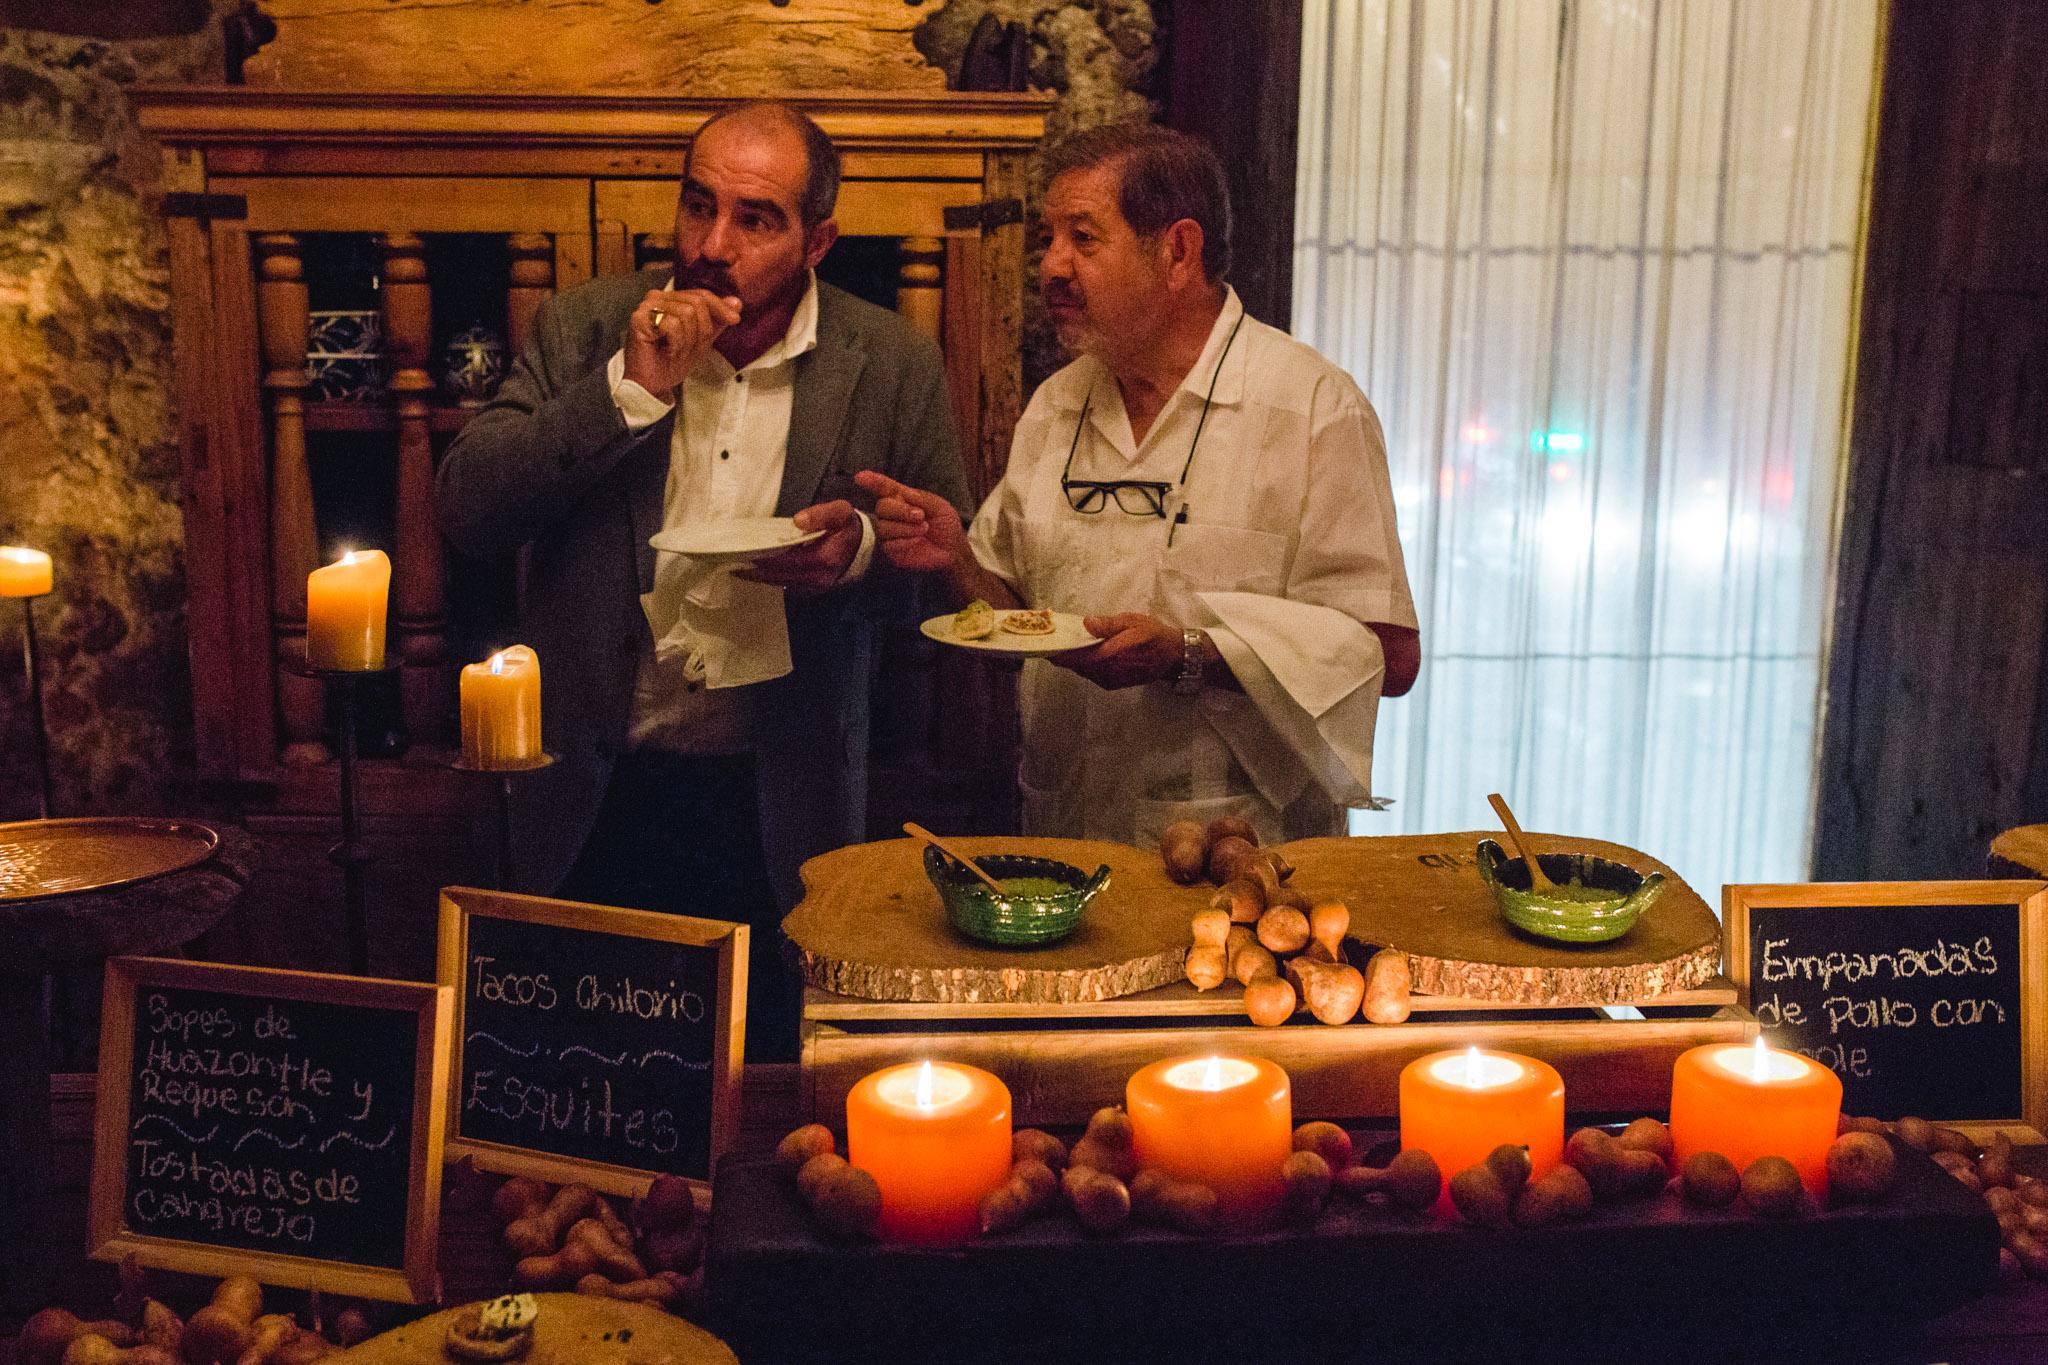 Blog-Wedding-Destination-Photography-San-Miguel-de-Allende-Jorge-Navarrete-Fotografía-Boda-Sandra-Beto-20.jpg